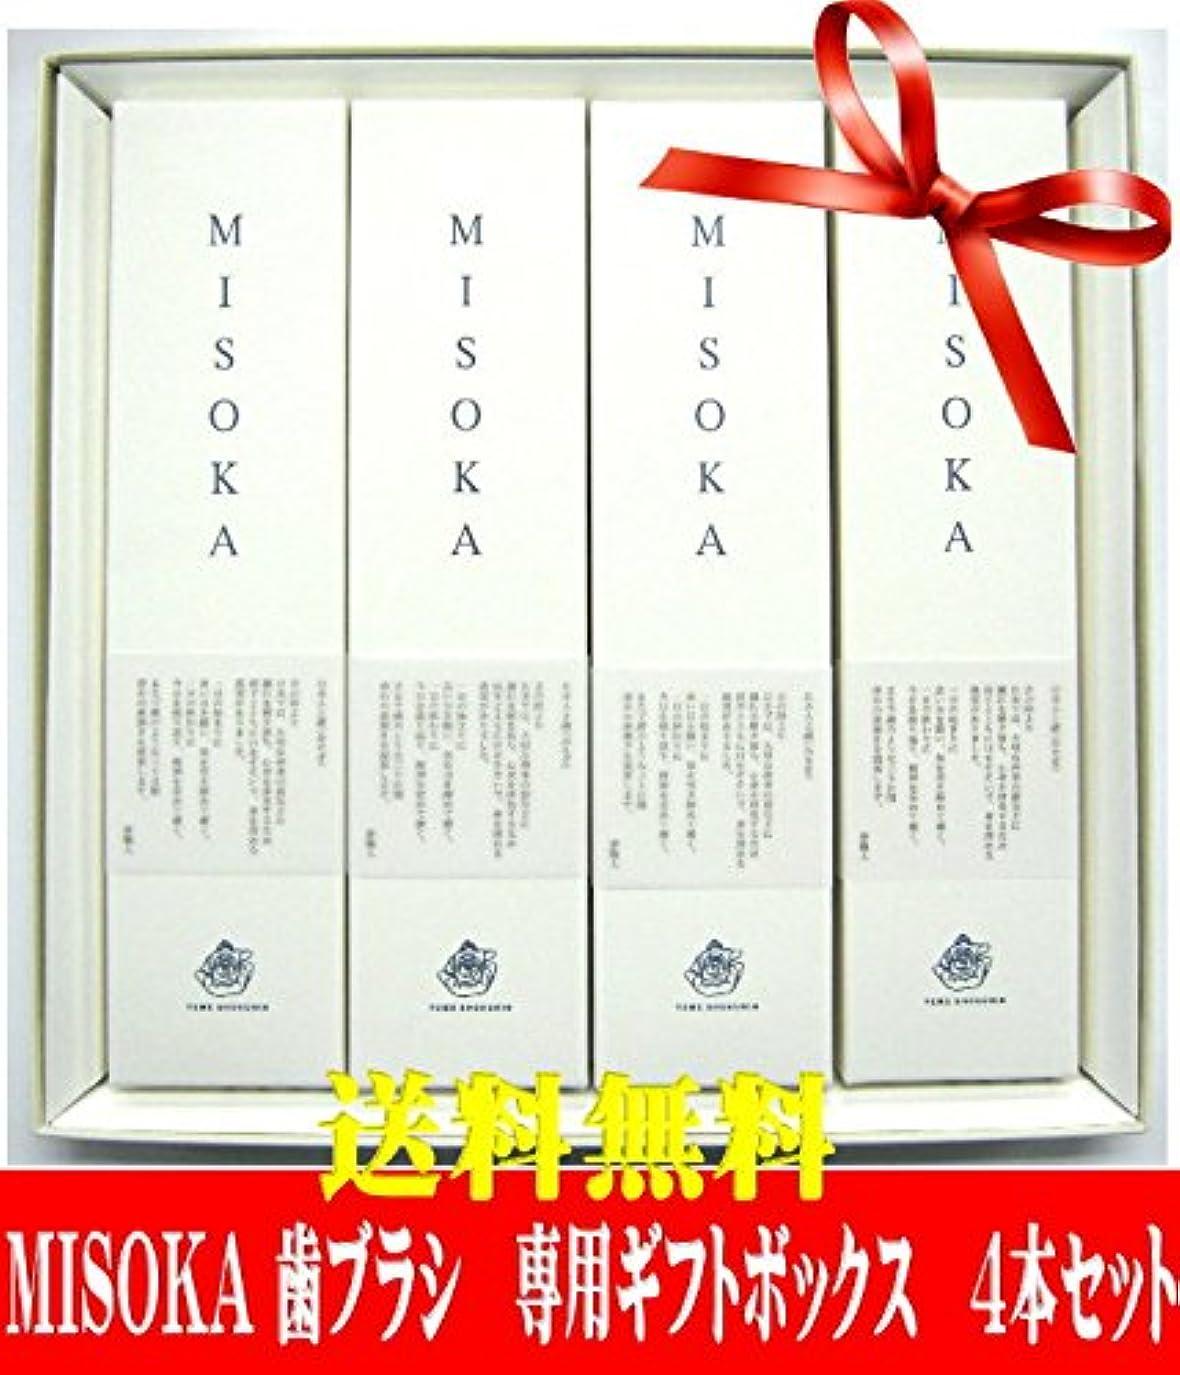 ブリーフケース馬鹿げた瞑想夢職人MISOKA(みそか)歯ブラシ4本ギフトセット